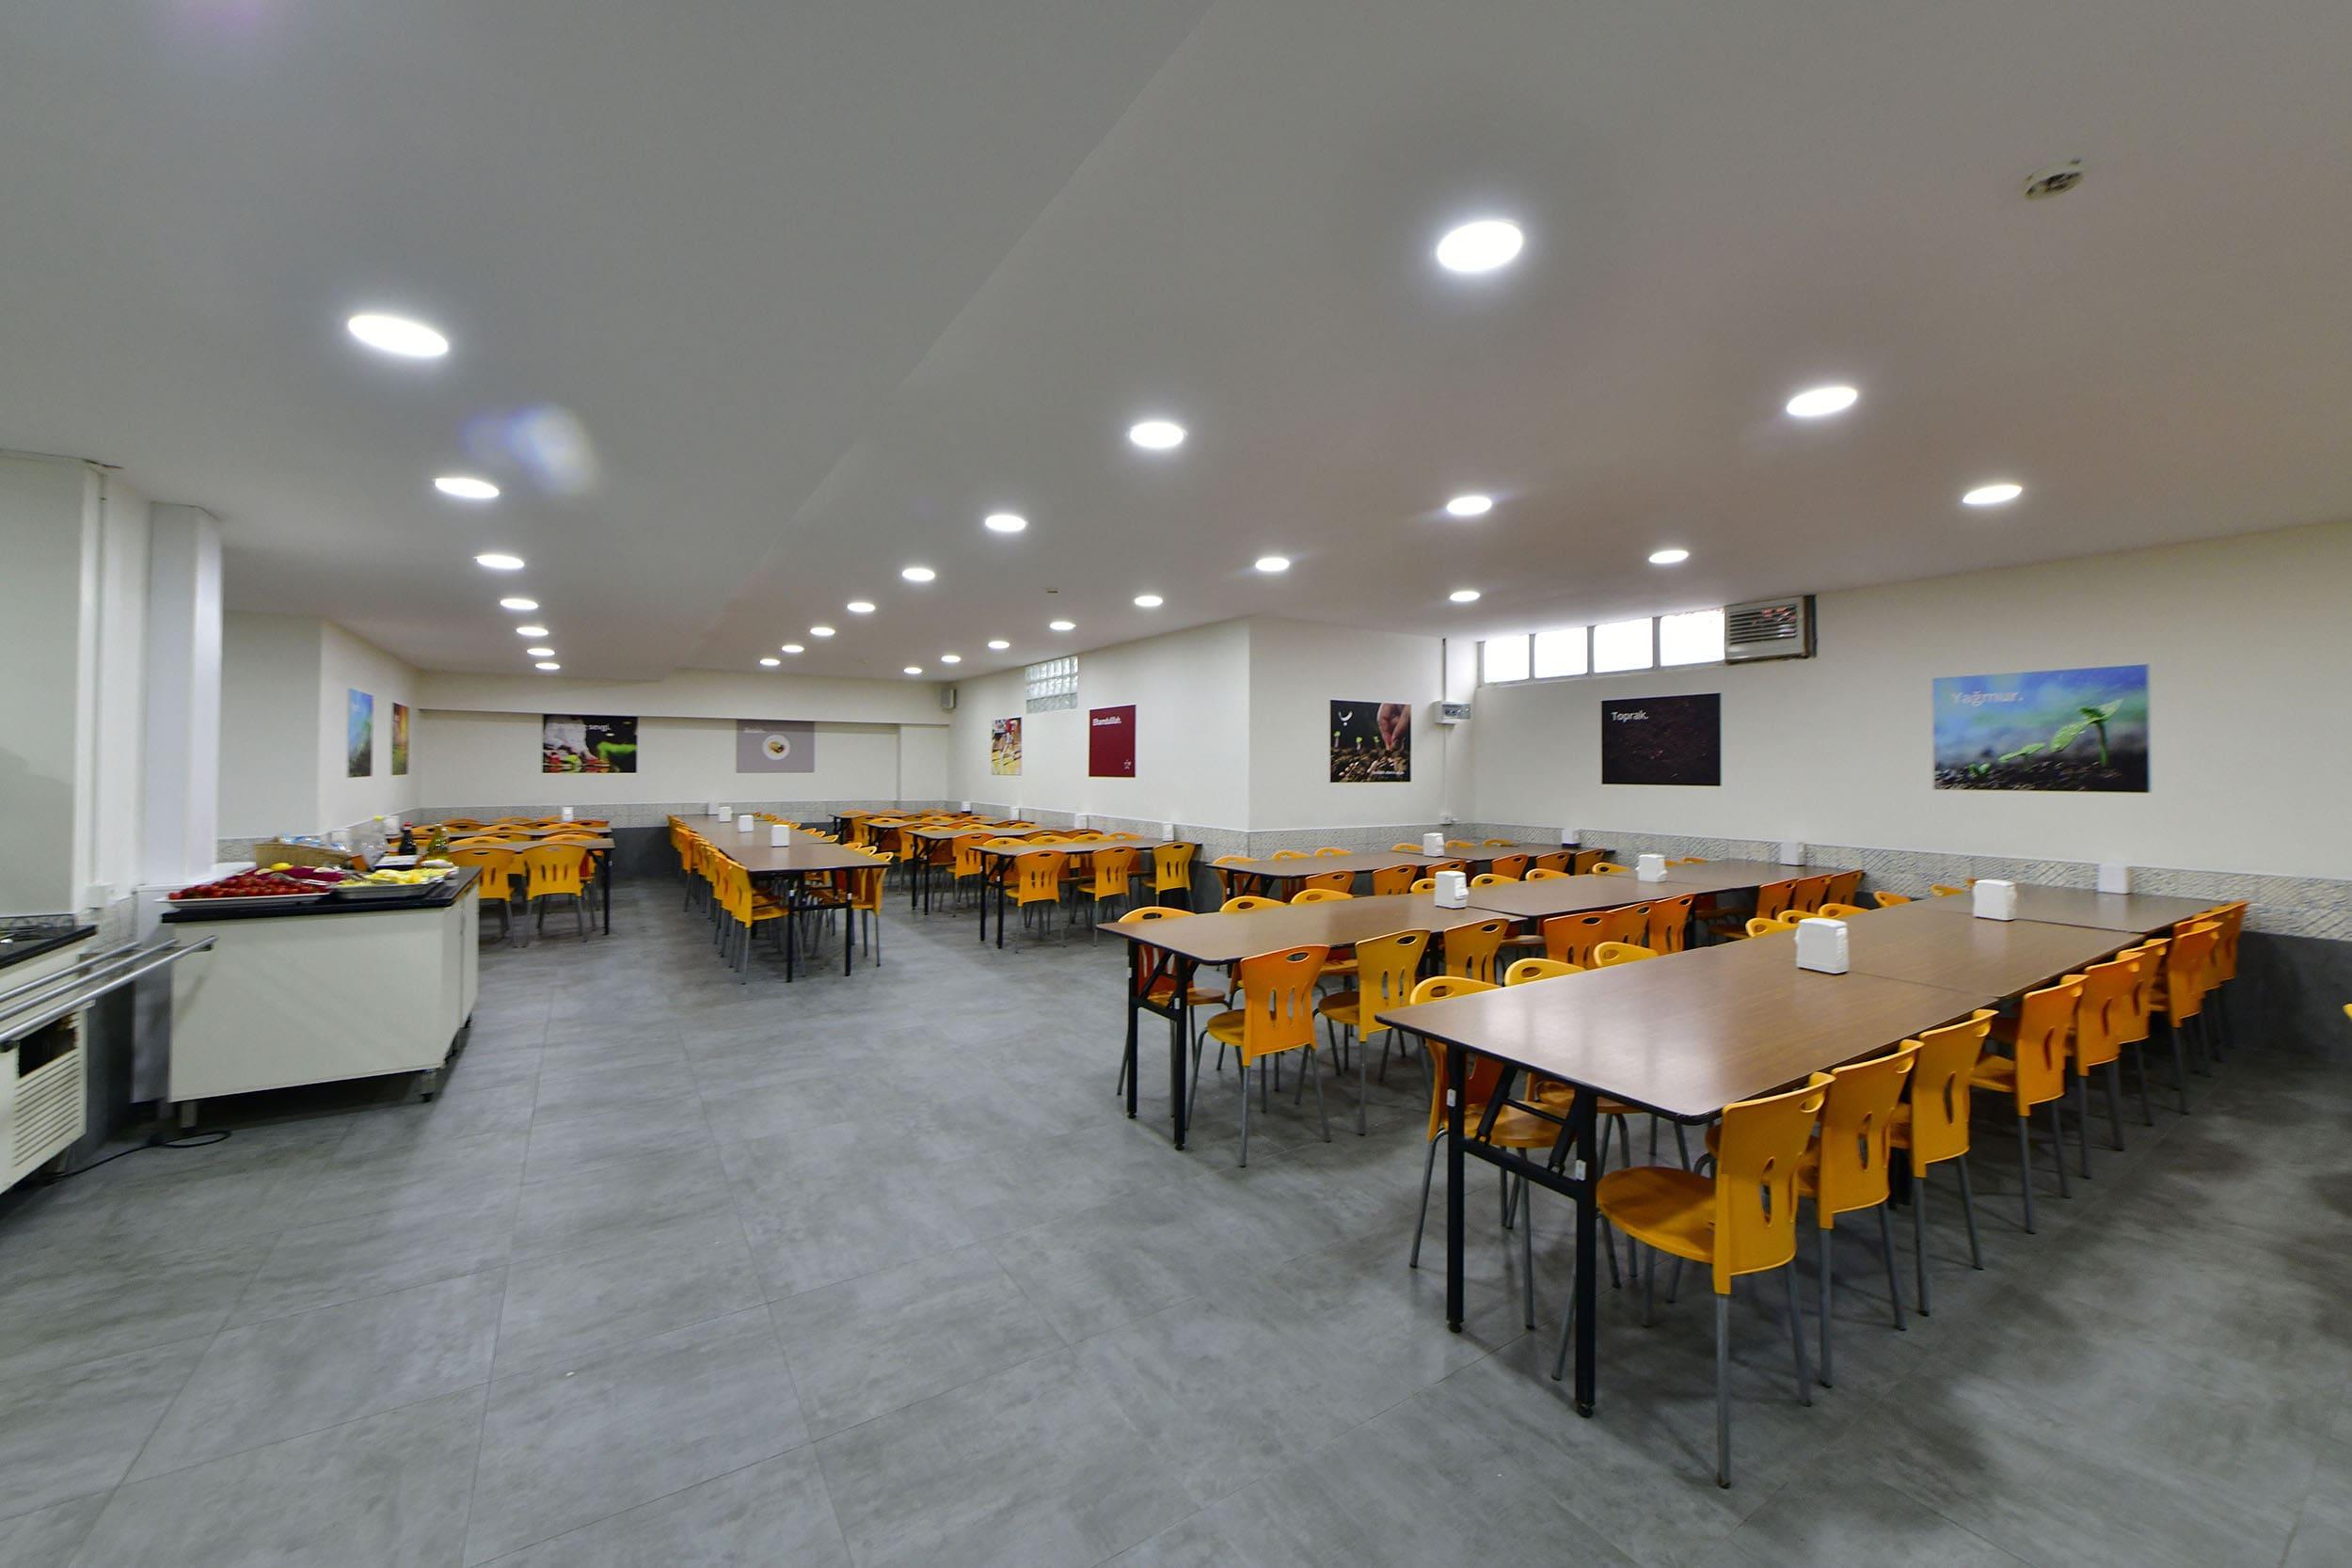 Asfa Eğitim Destek Hizmetleri Yemek Galeri 07